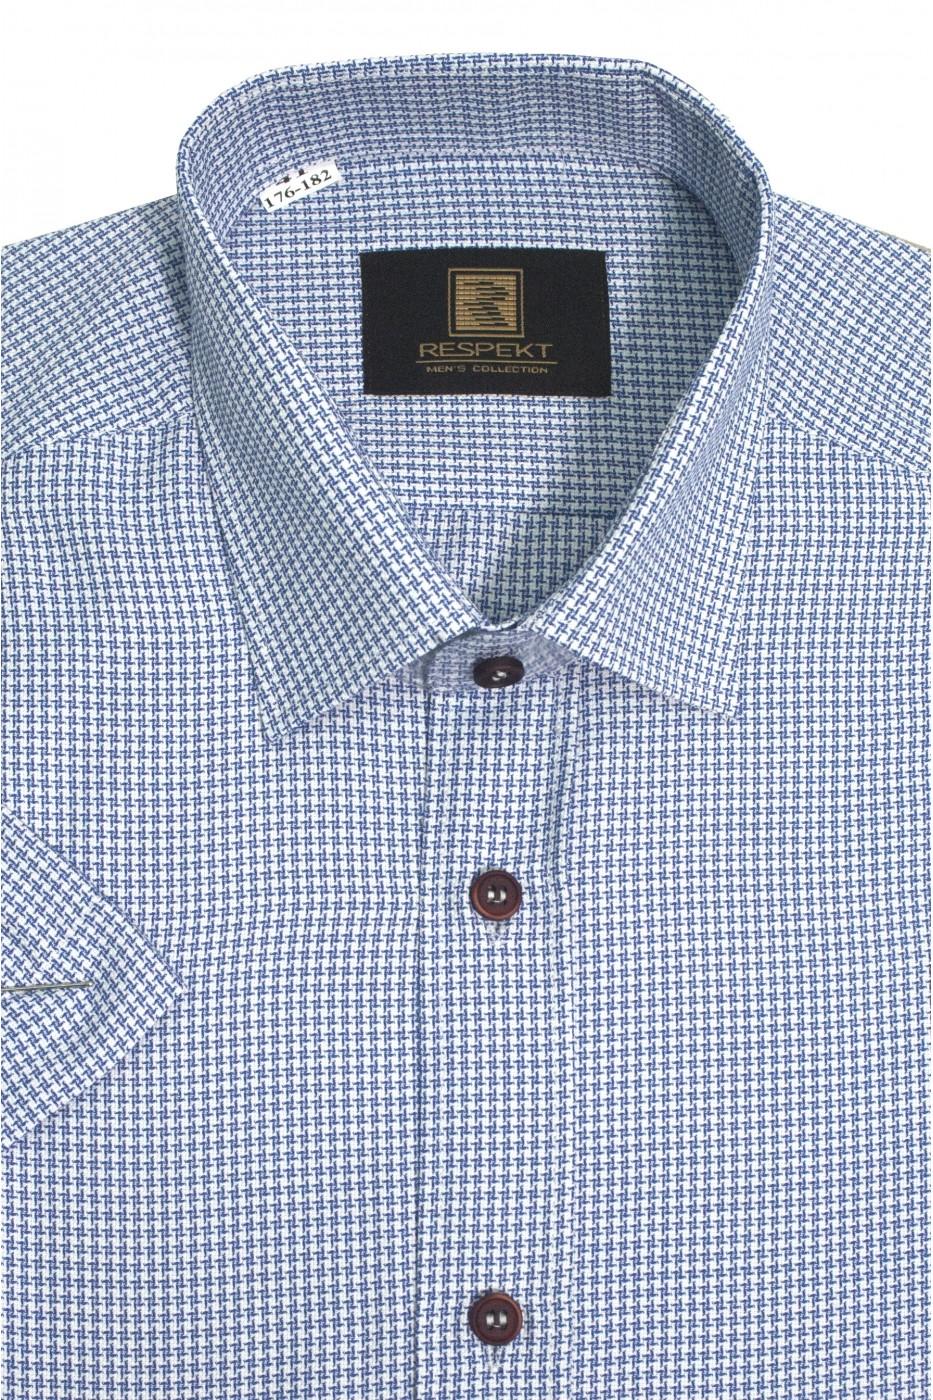 Белая мужская рубашка в синюю звездочку с коротким рукавом КР 324 (53-08)